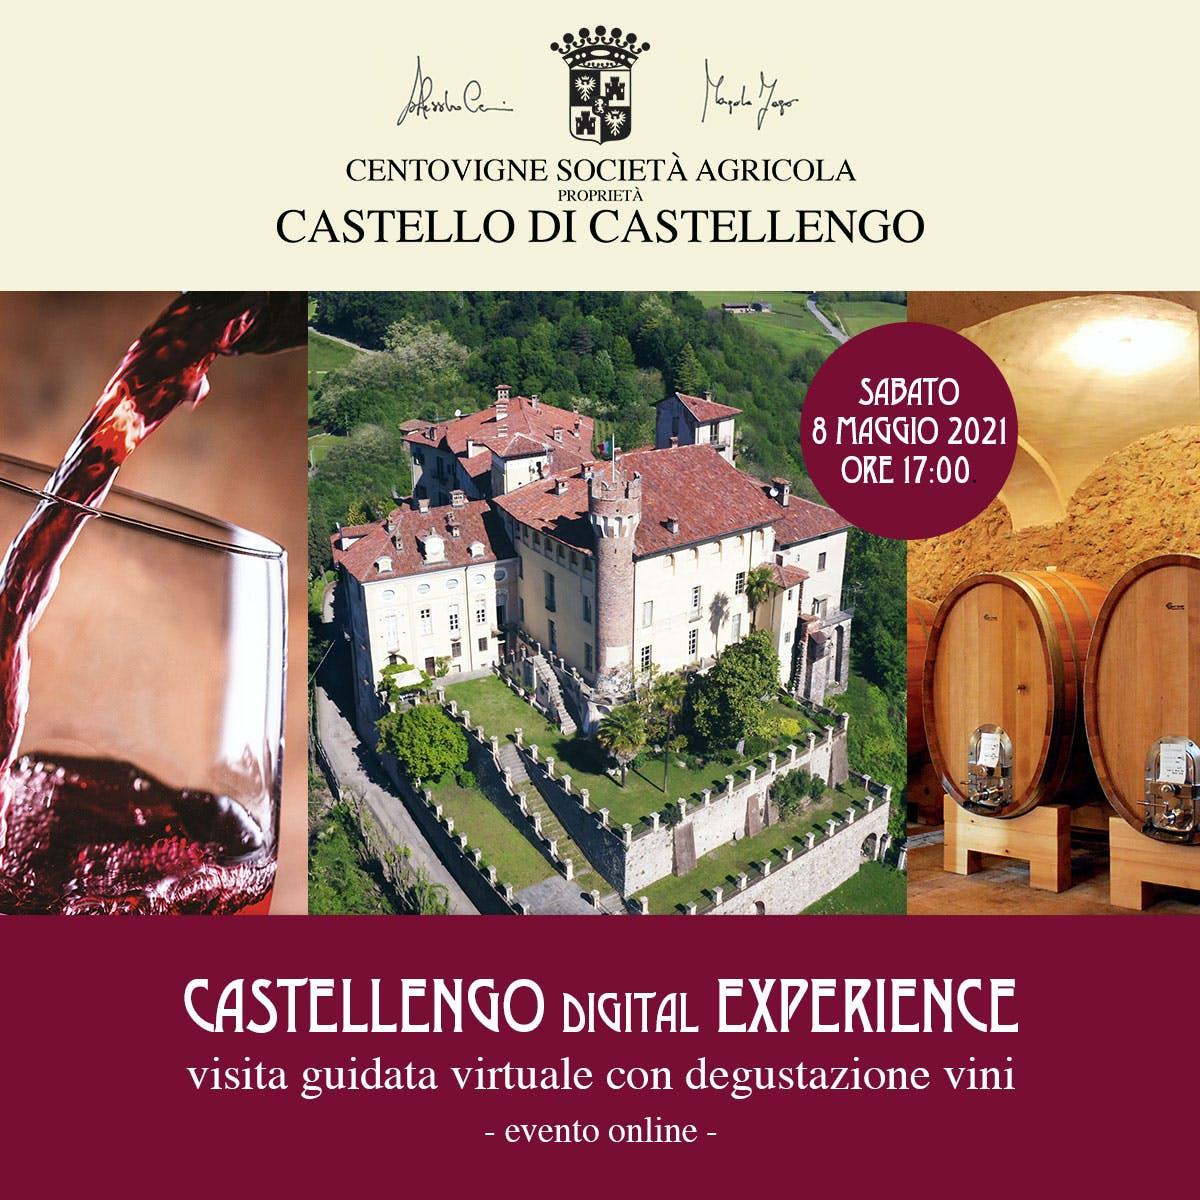 Visita guidata e degustazione vini (online)